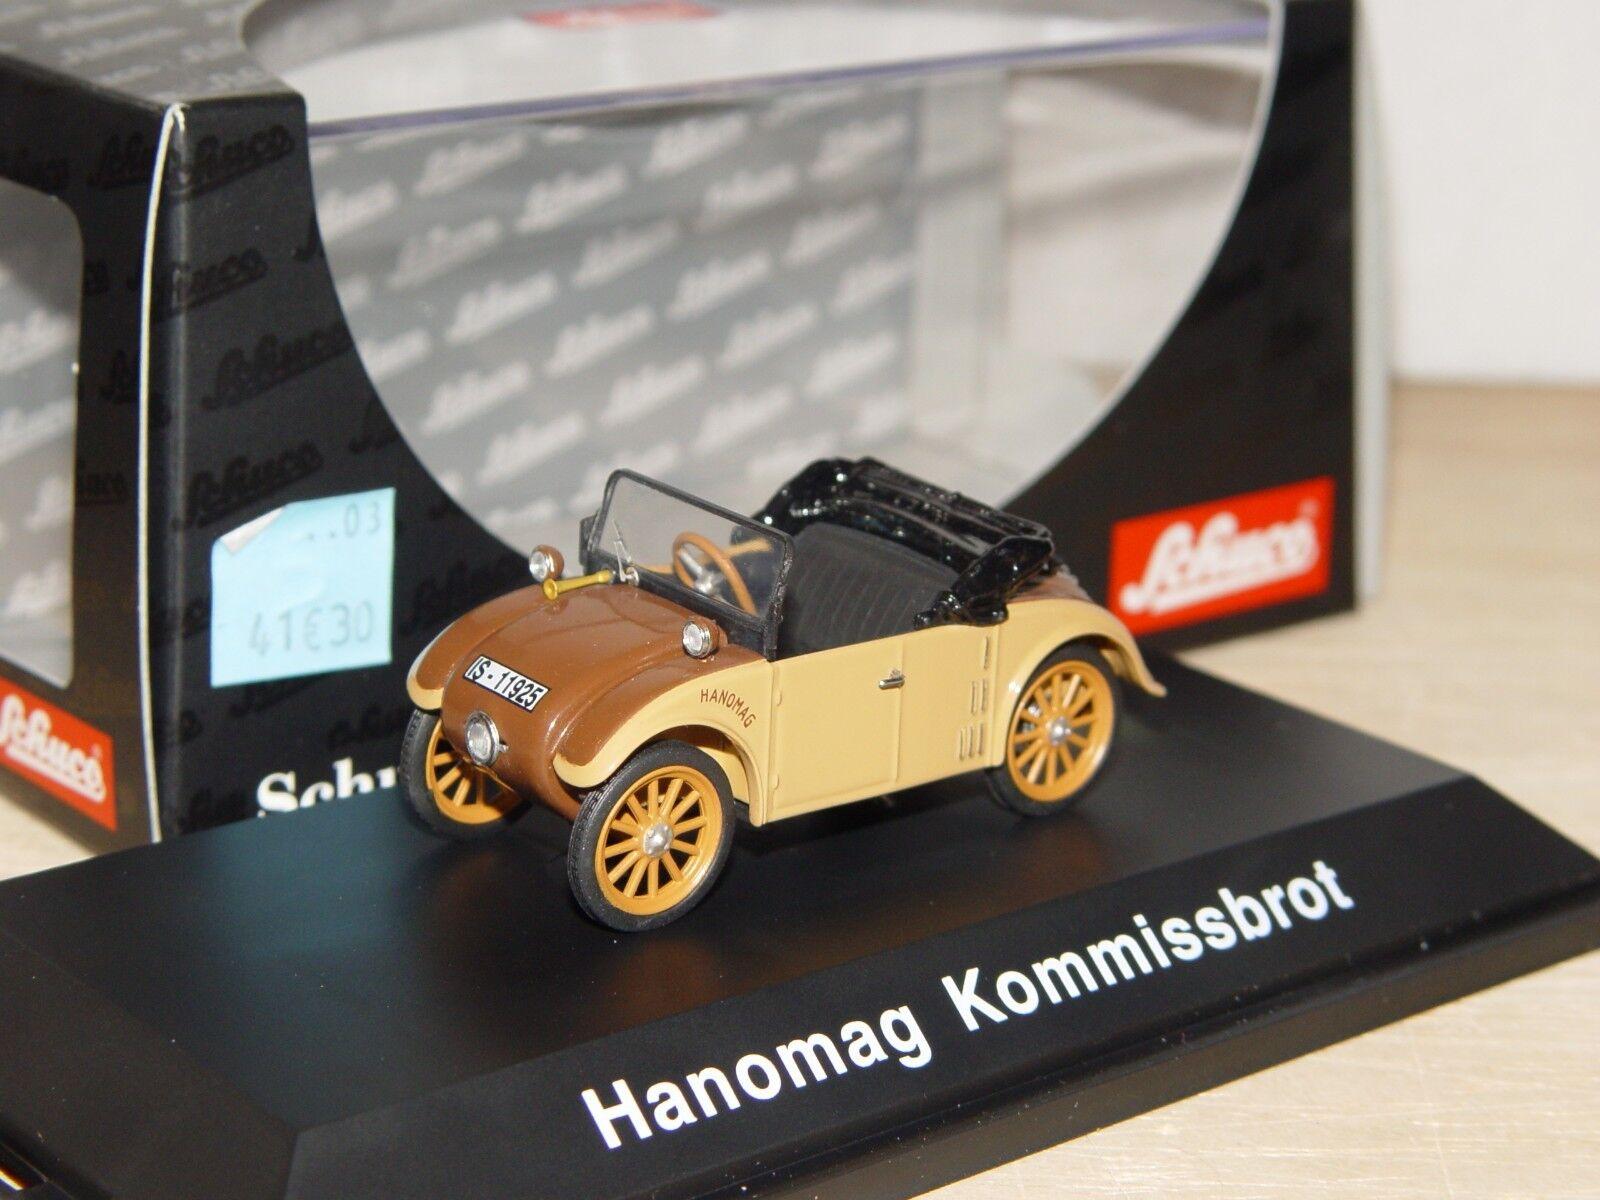 Hanomag kommissbred 1925-schuco 1 43e